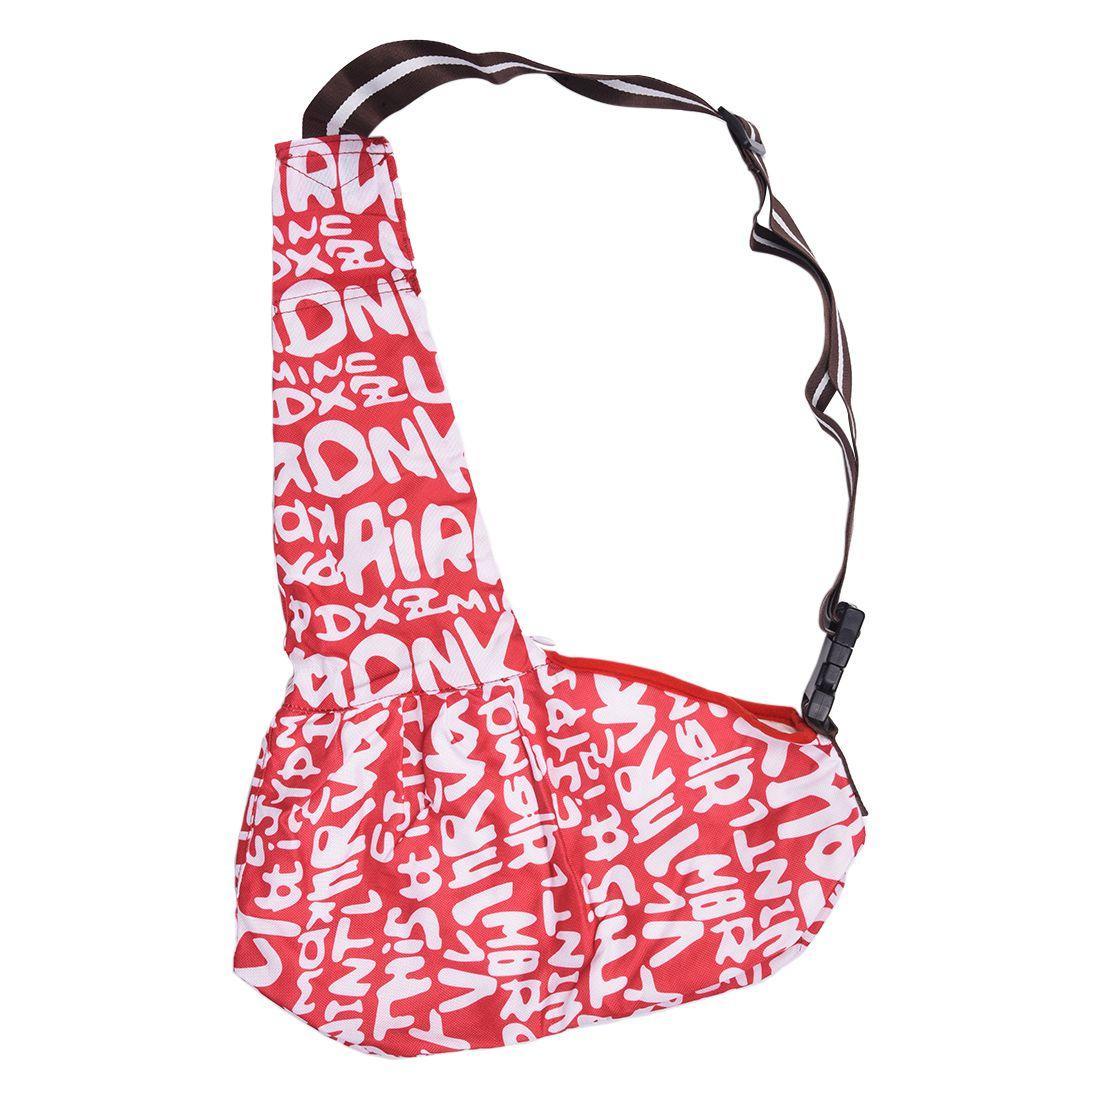 5pcs( Pet Dog Cat Carrier Bag Sling Single Shoulder Oxford Cloth M lovoyager vb14004 fashionable pet front chest dog travel carrier bag